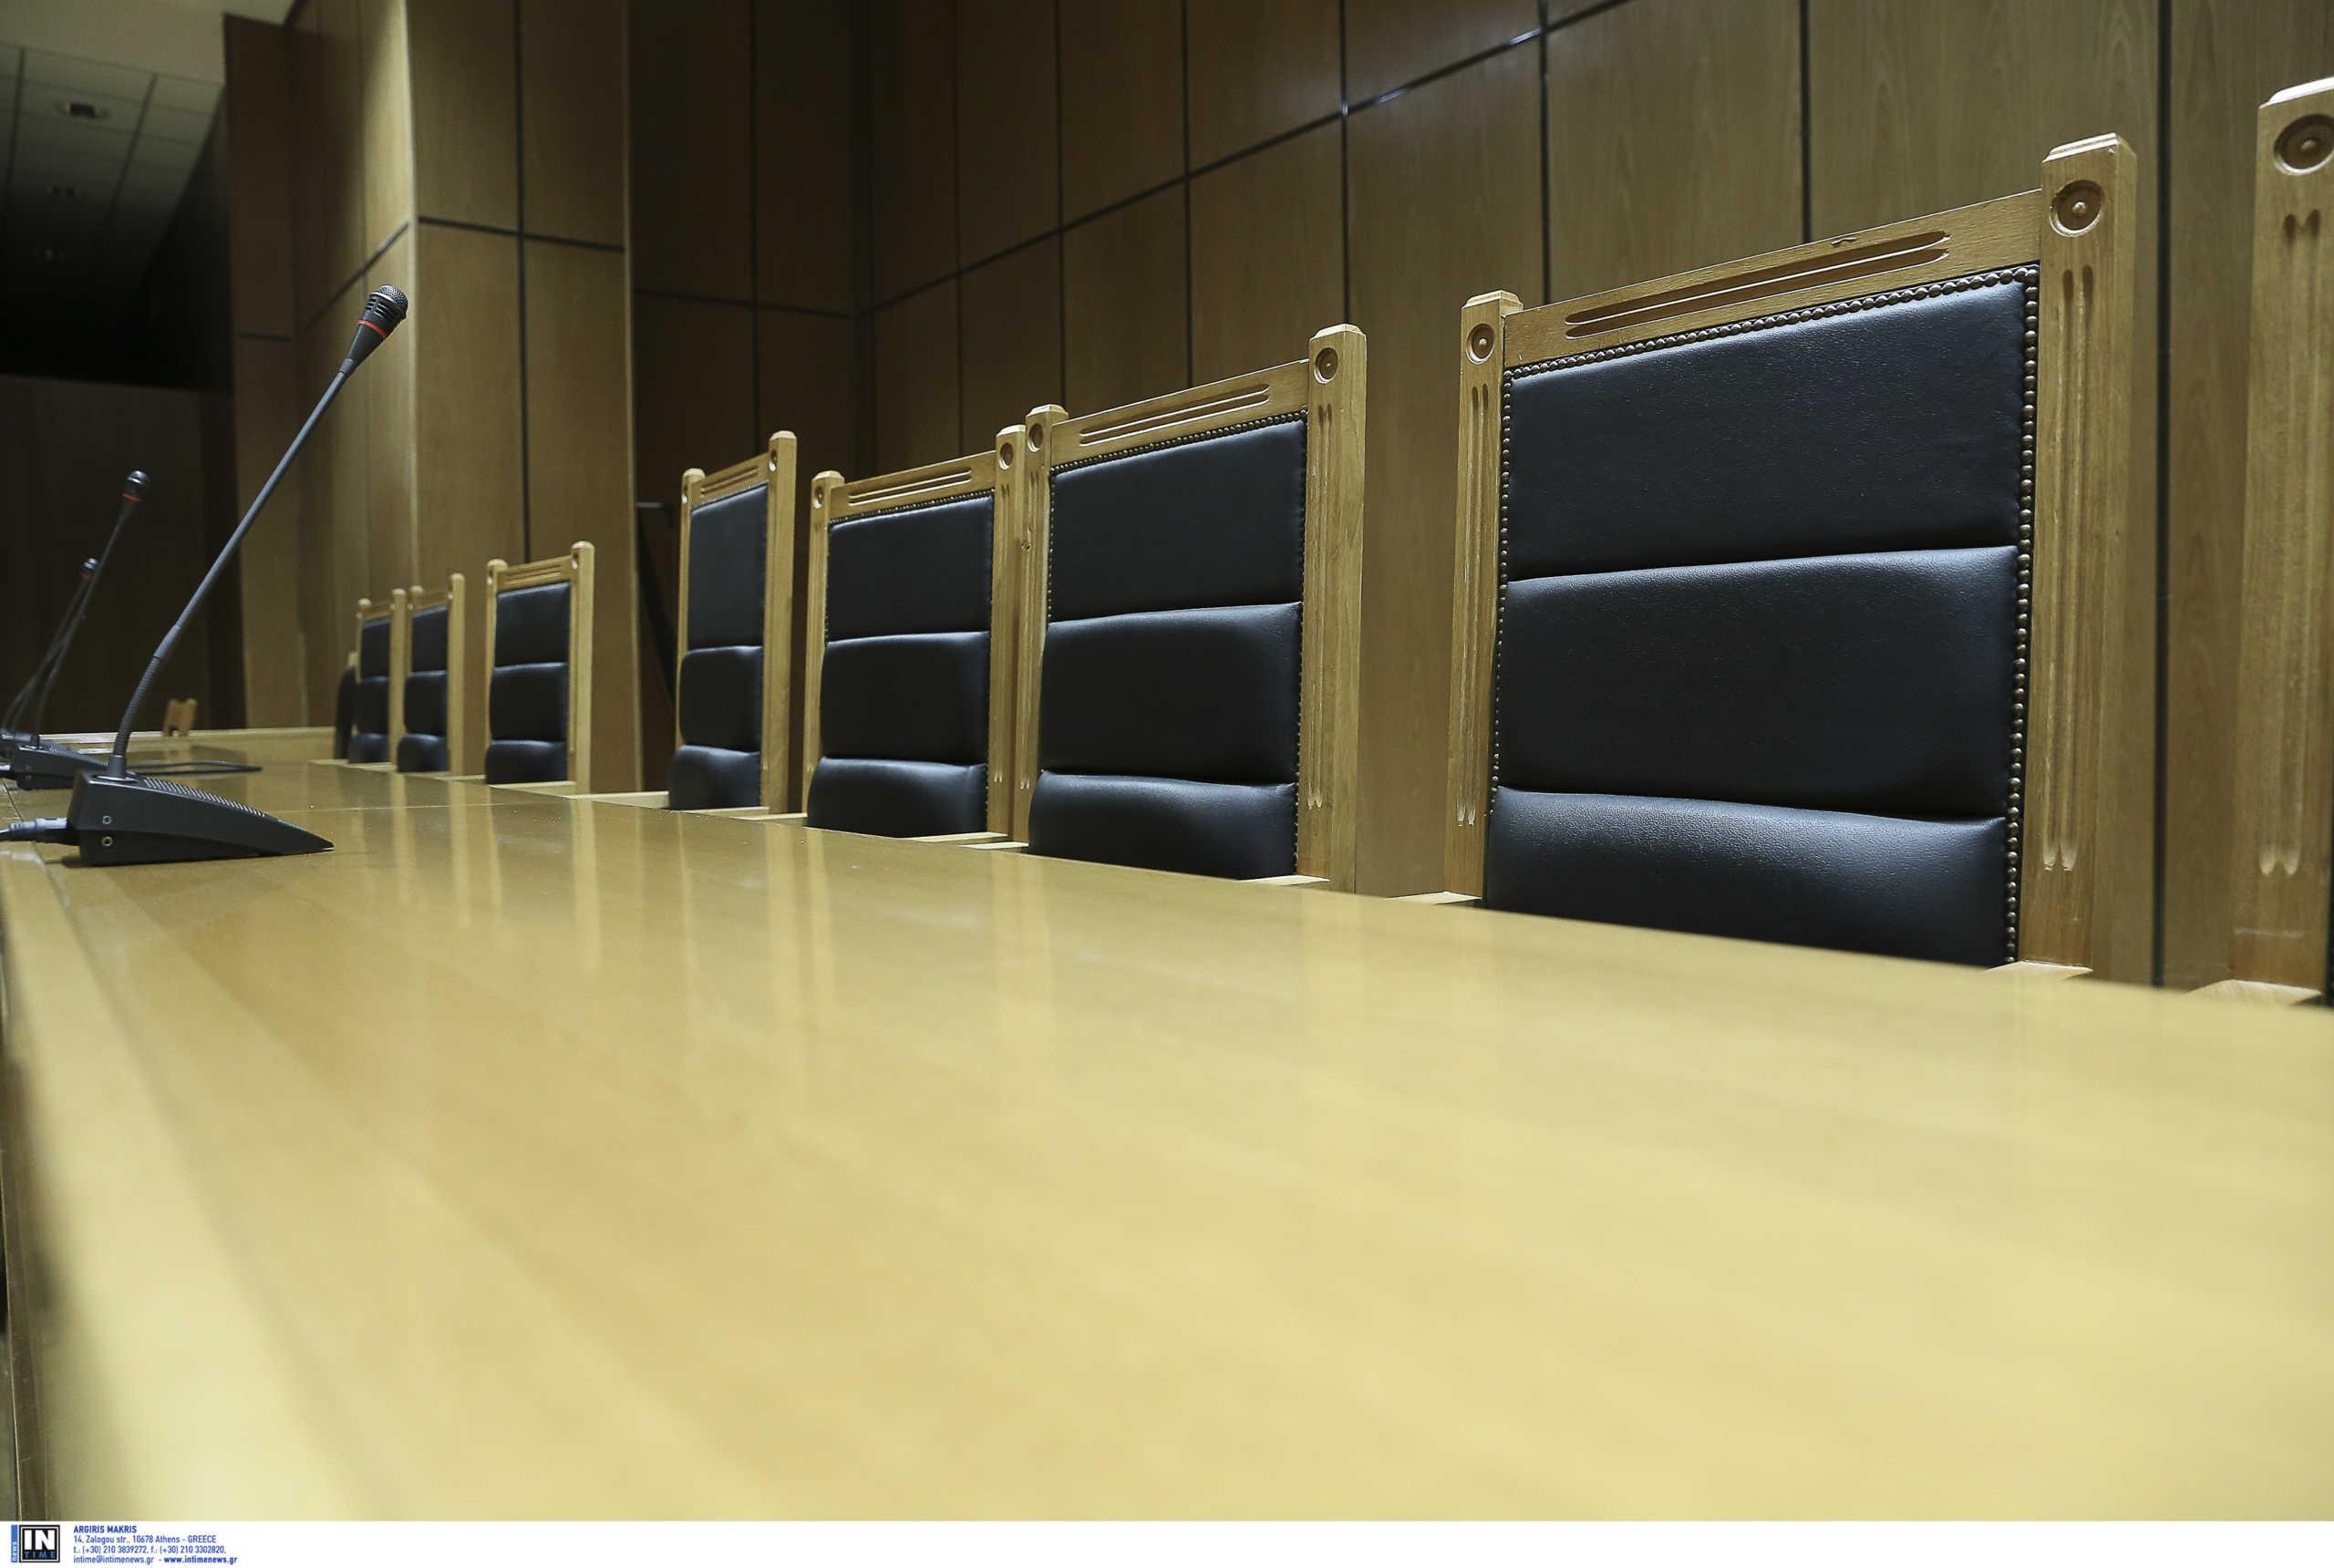 Επαναλειτουργία των δικαστηρίων και επίδομα για τους δικηγόρους ζητά ο ΔΣΑ